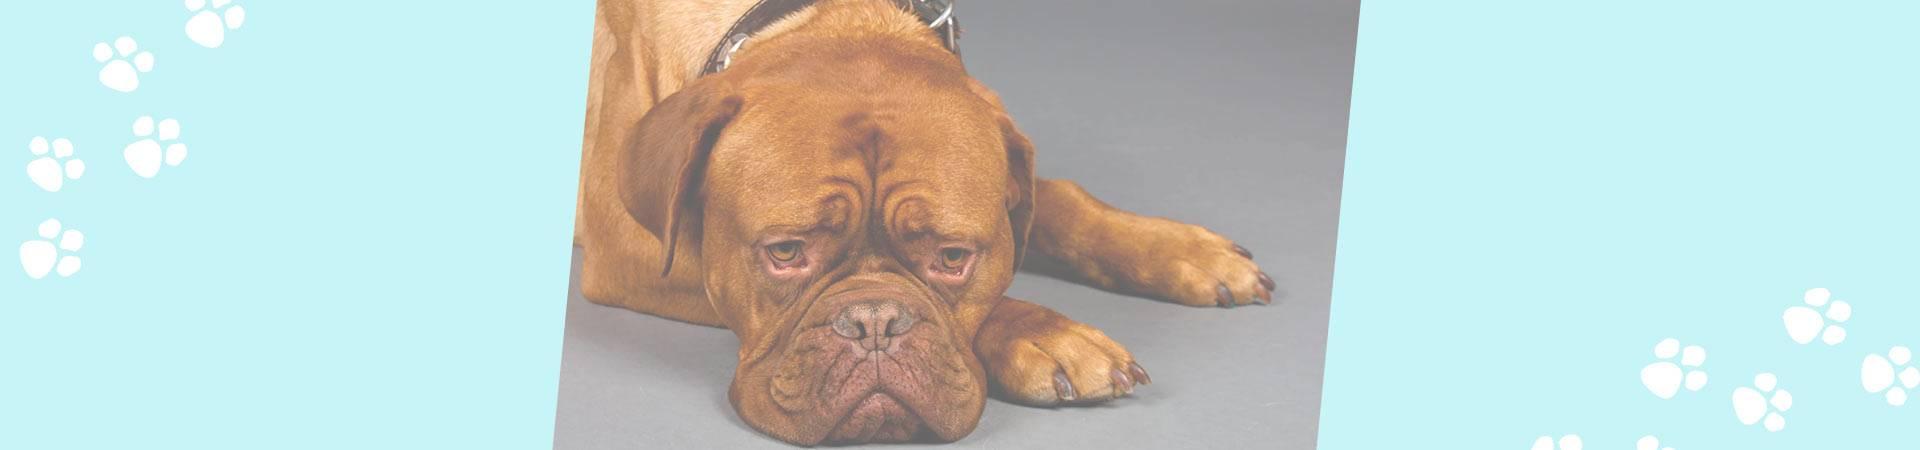 Собака не ест и не пьет — что делать?